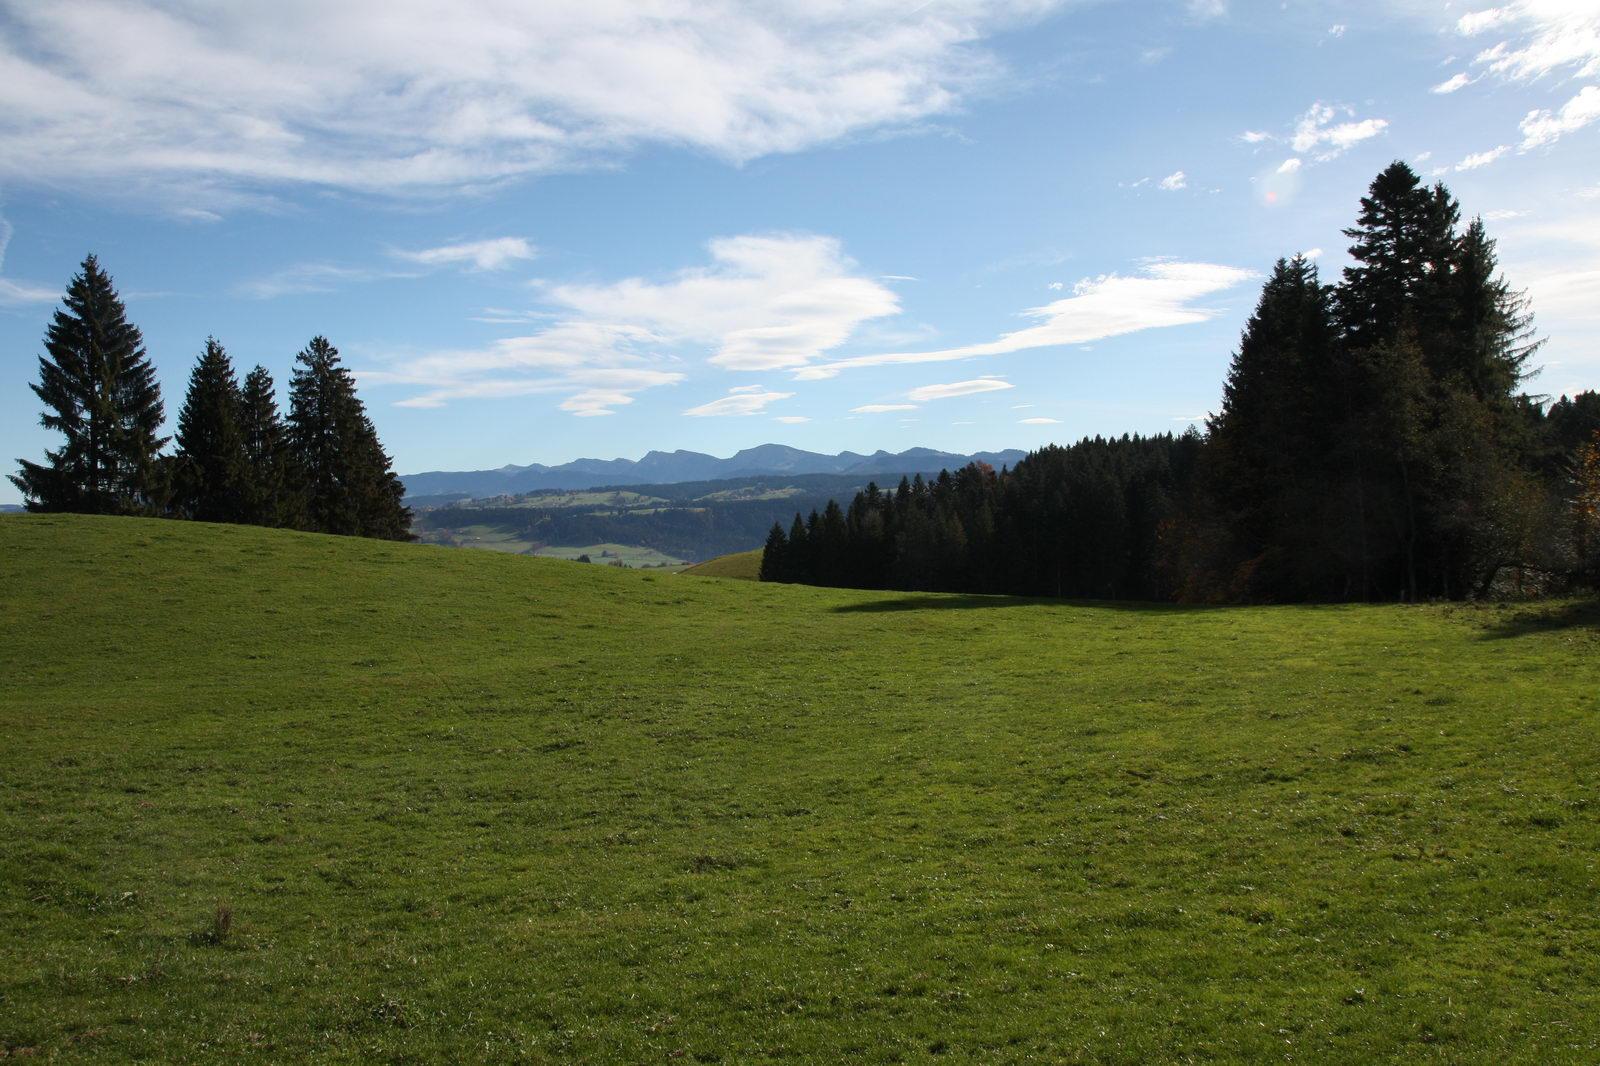 Auf dem Weg in Richtung Skywalk Allgäu - Blick zum Hochgrat